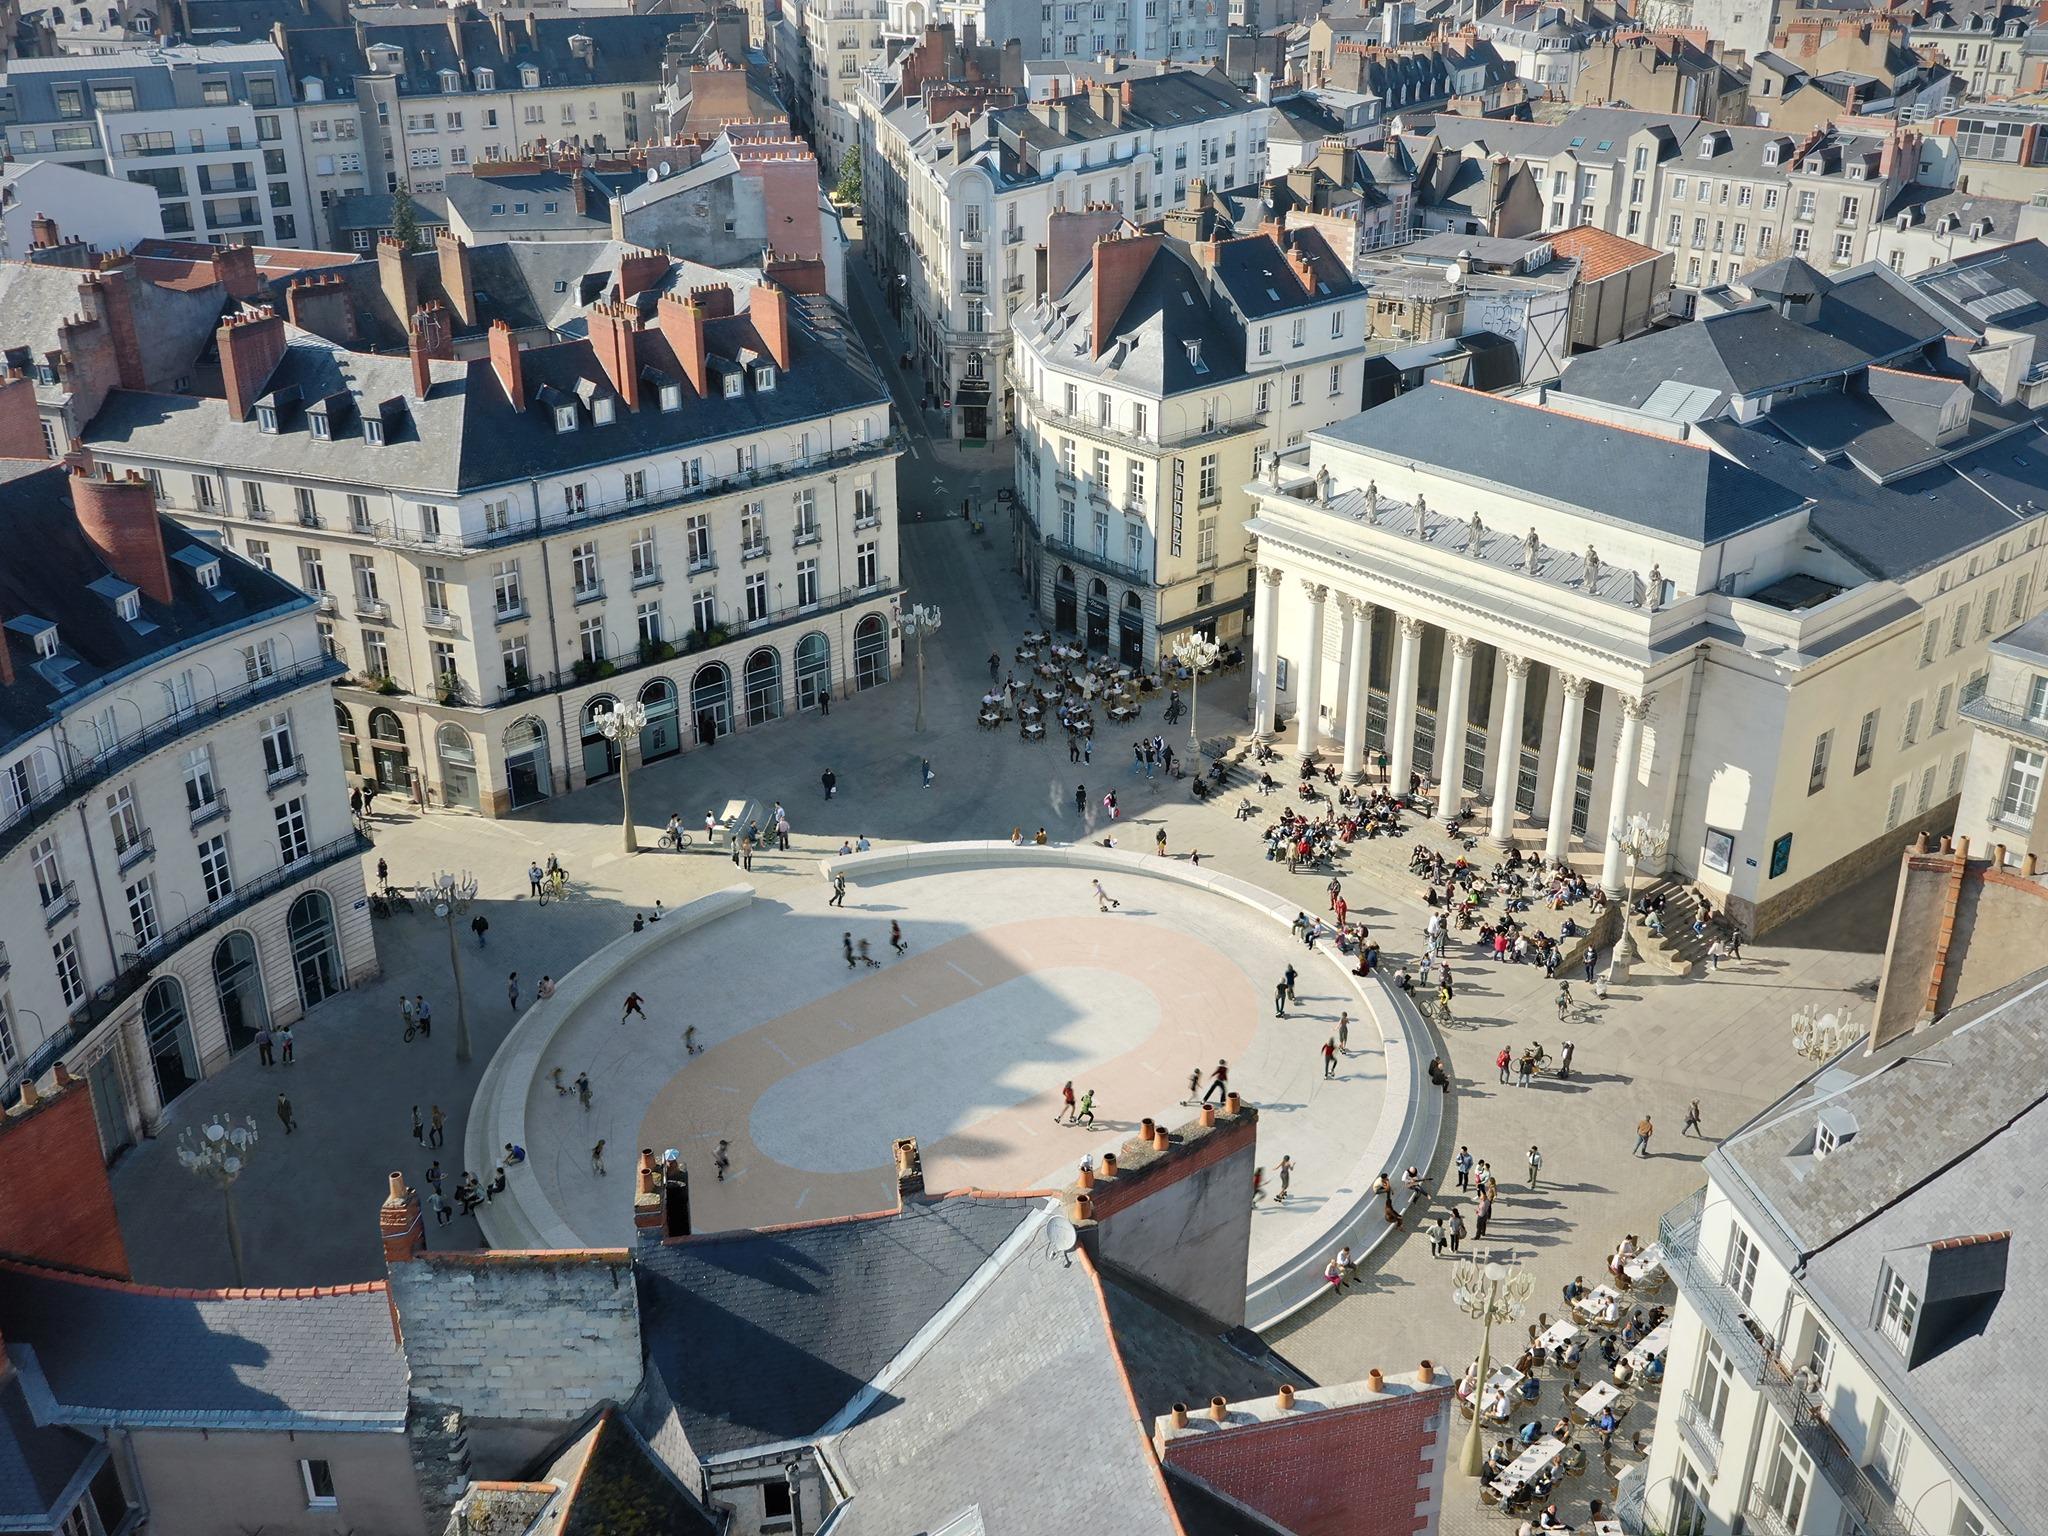 Esquisse de la piste de roller qui s'installera place Graslin cet été pour le Voyage à Nantes 2021